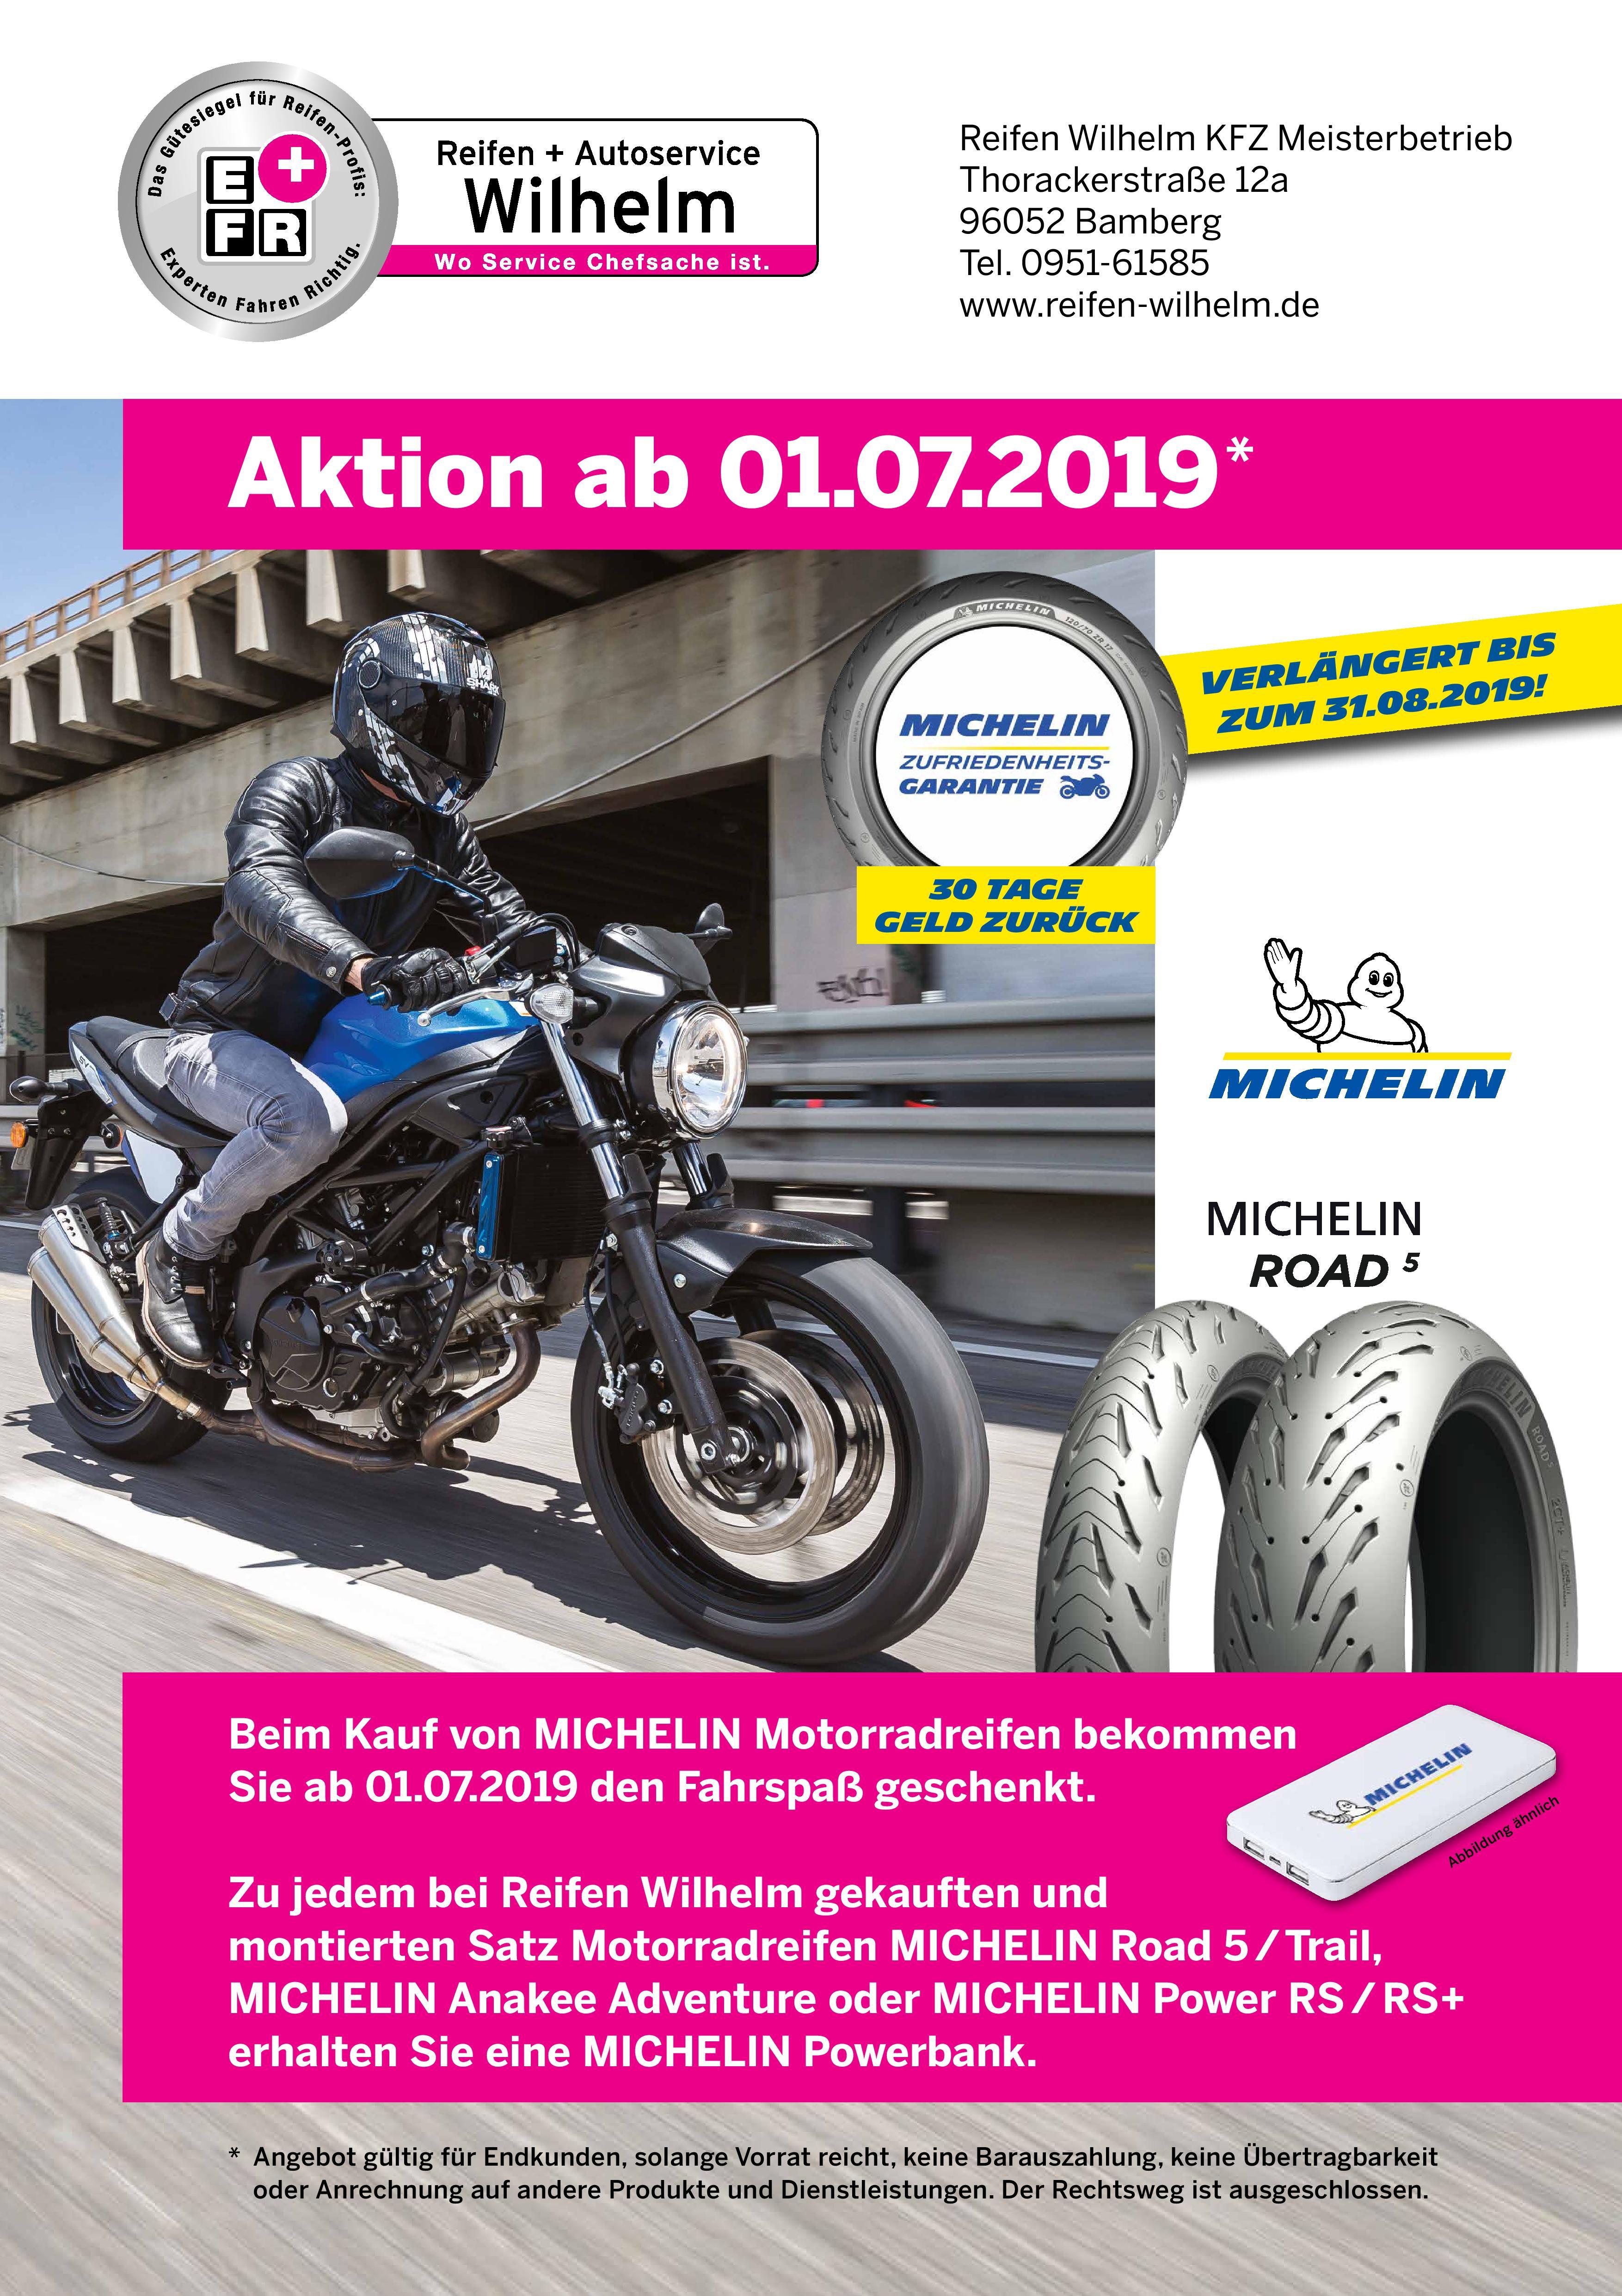 Michelin Powerbank